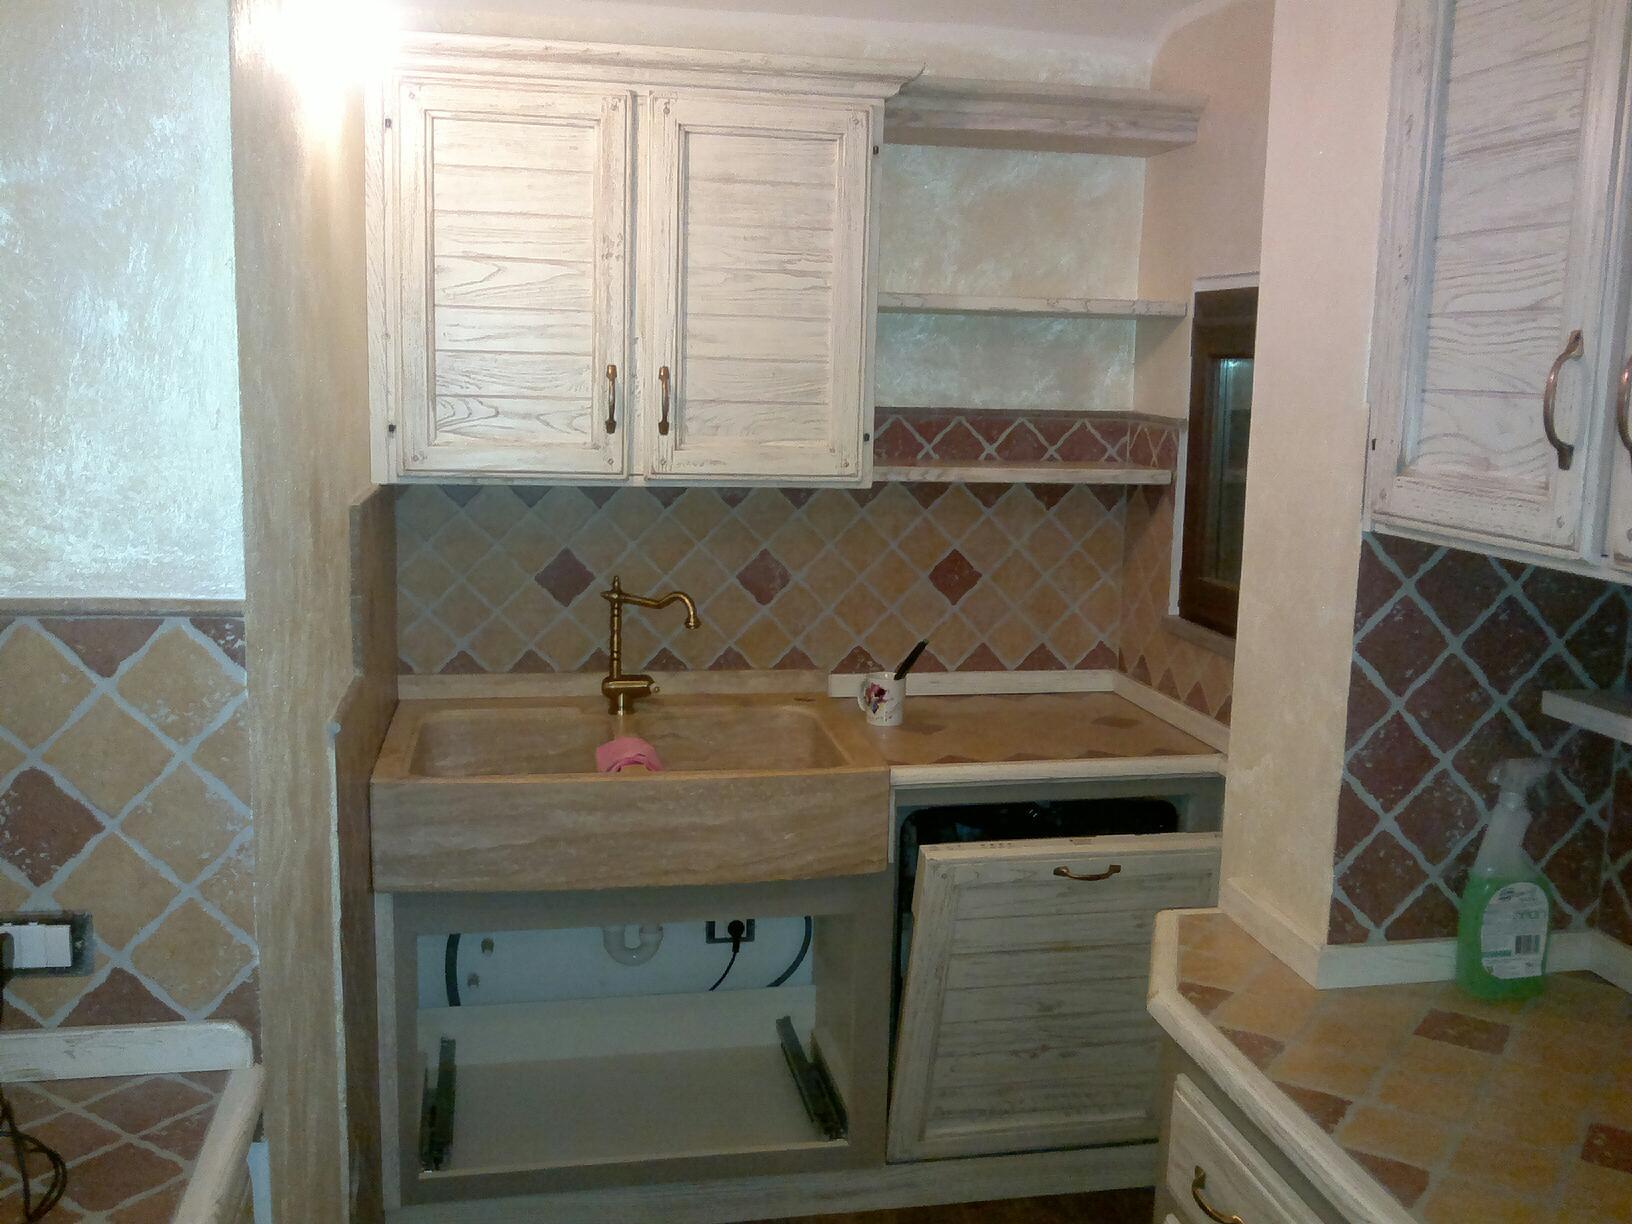 Lavandino lavello acquaio in travertino cucina taverna ebay - Prezzo marmo per piano cucina ...